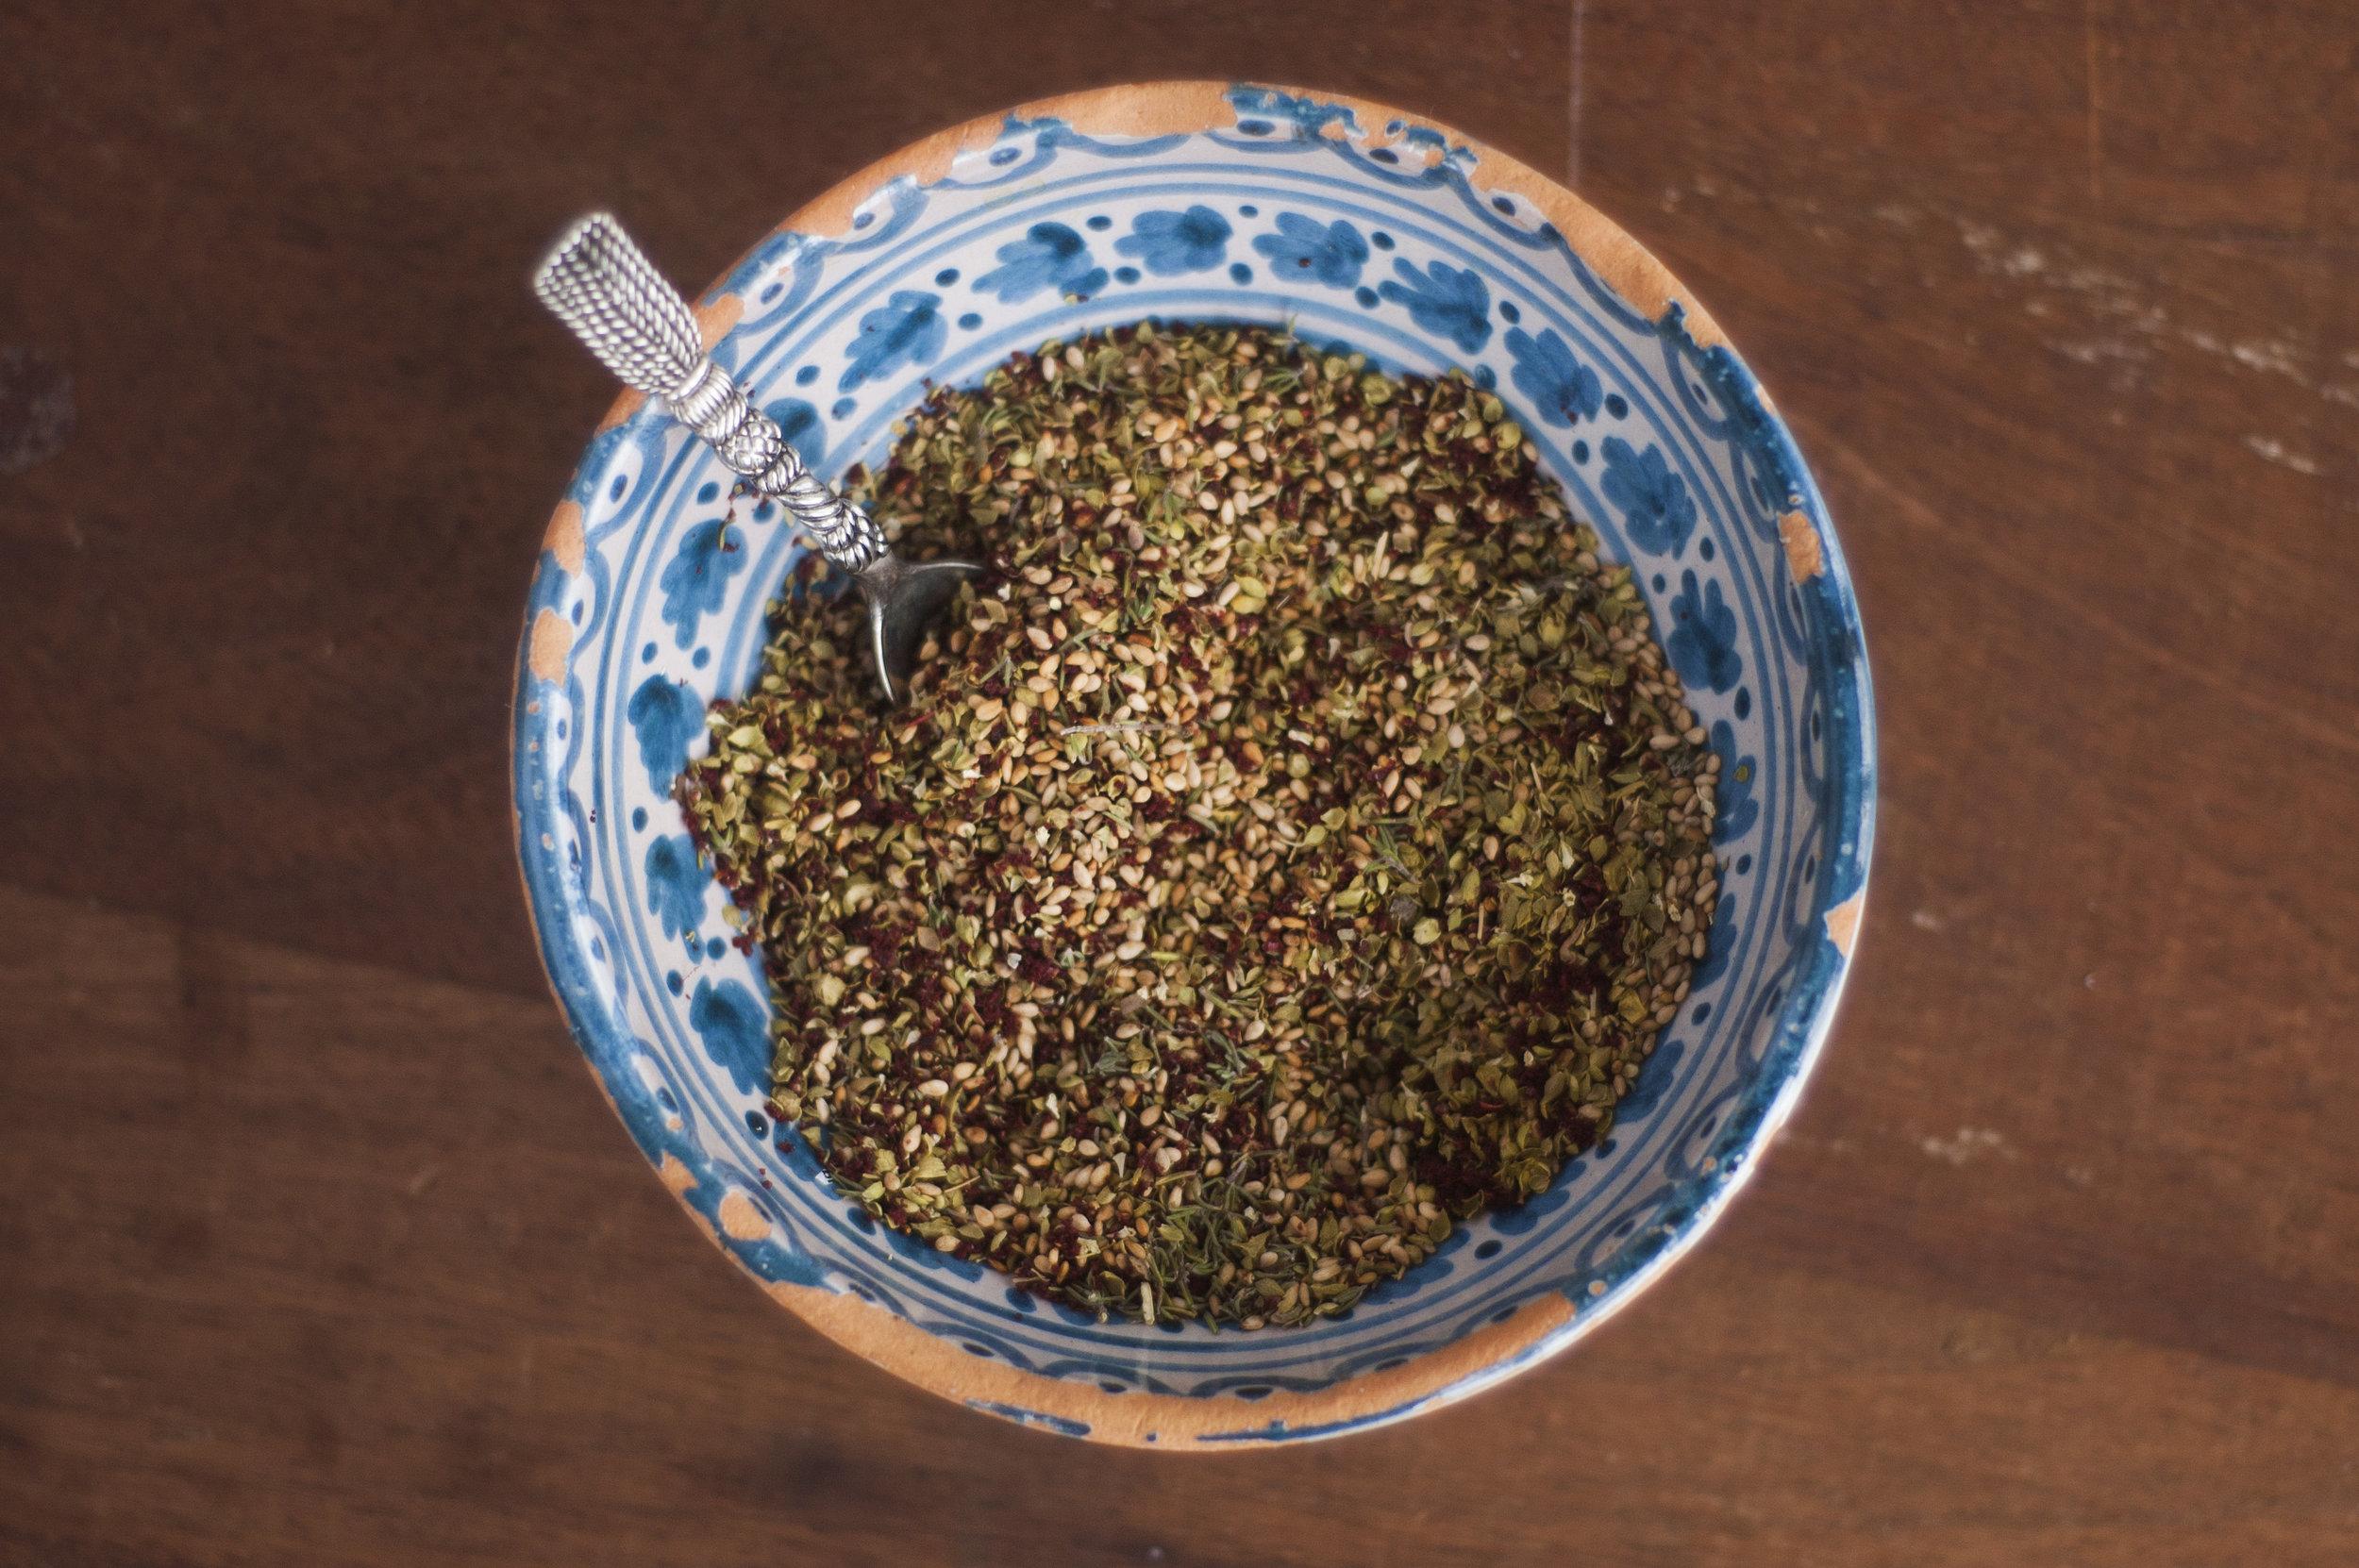 How to make Za'atar spice mix